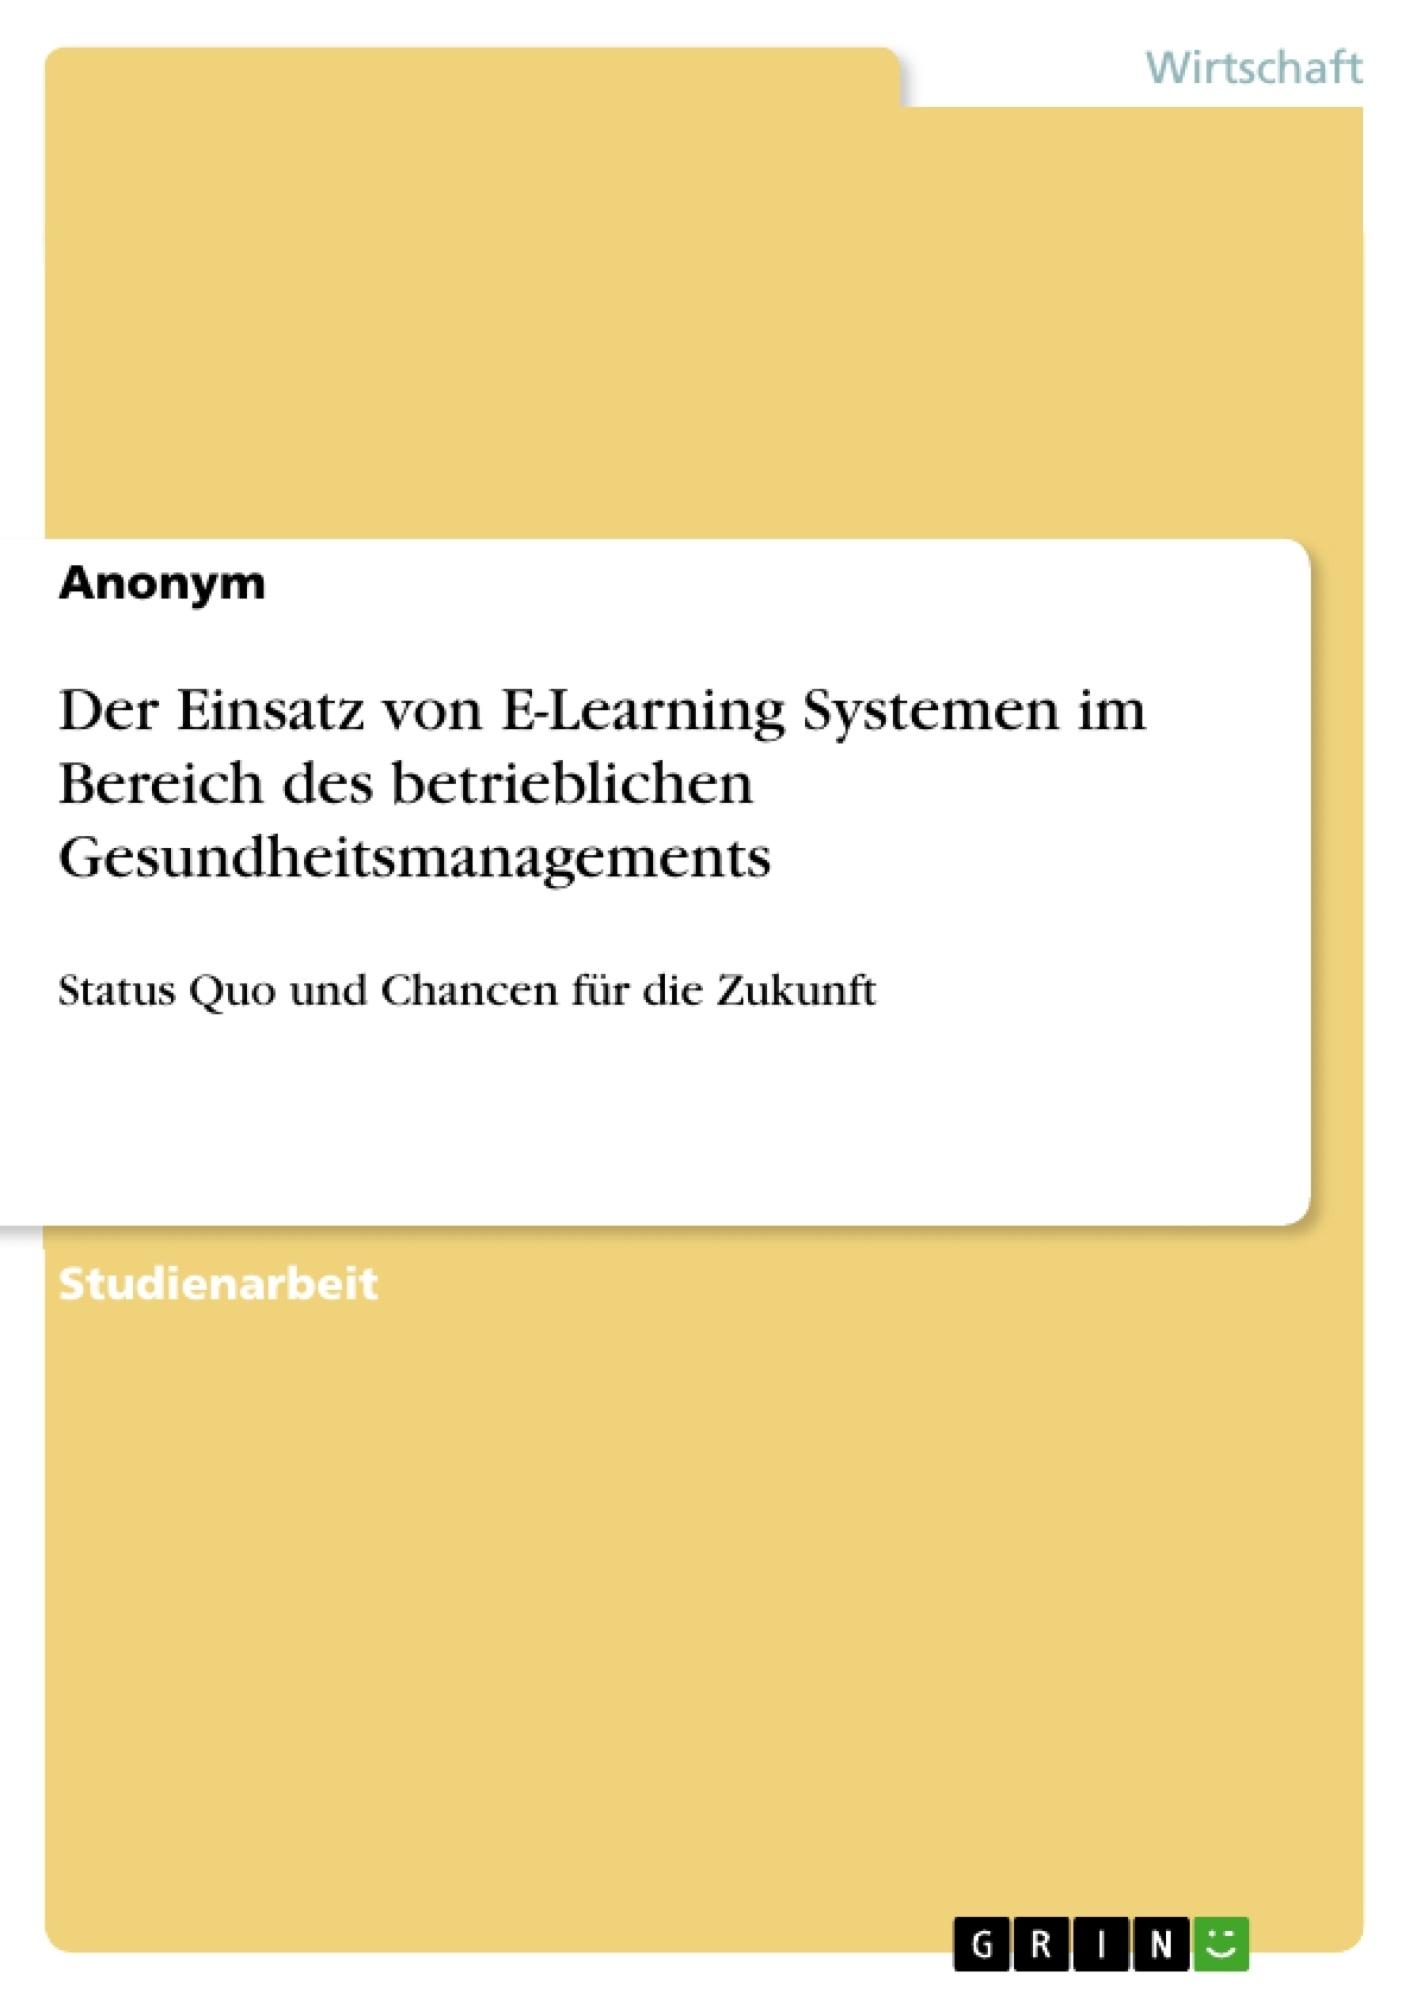 Titel: Der Einsatz von E-Learning Systemen im Bereich des betrieblichen Gesundheitsmanagements